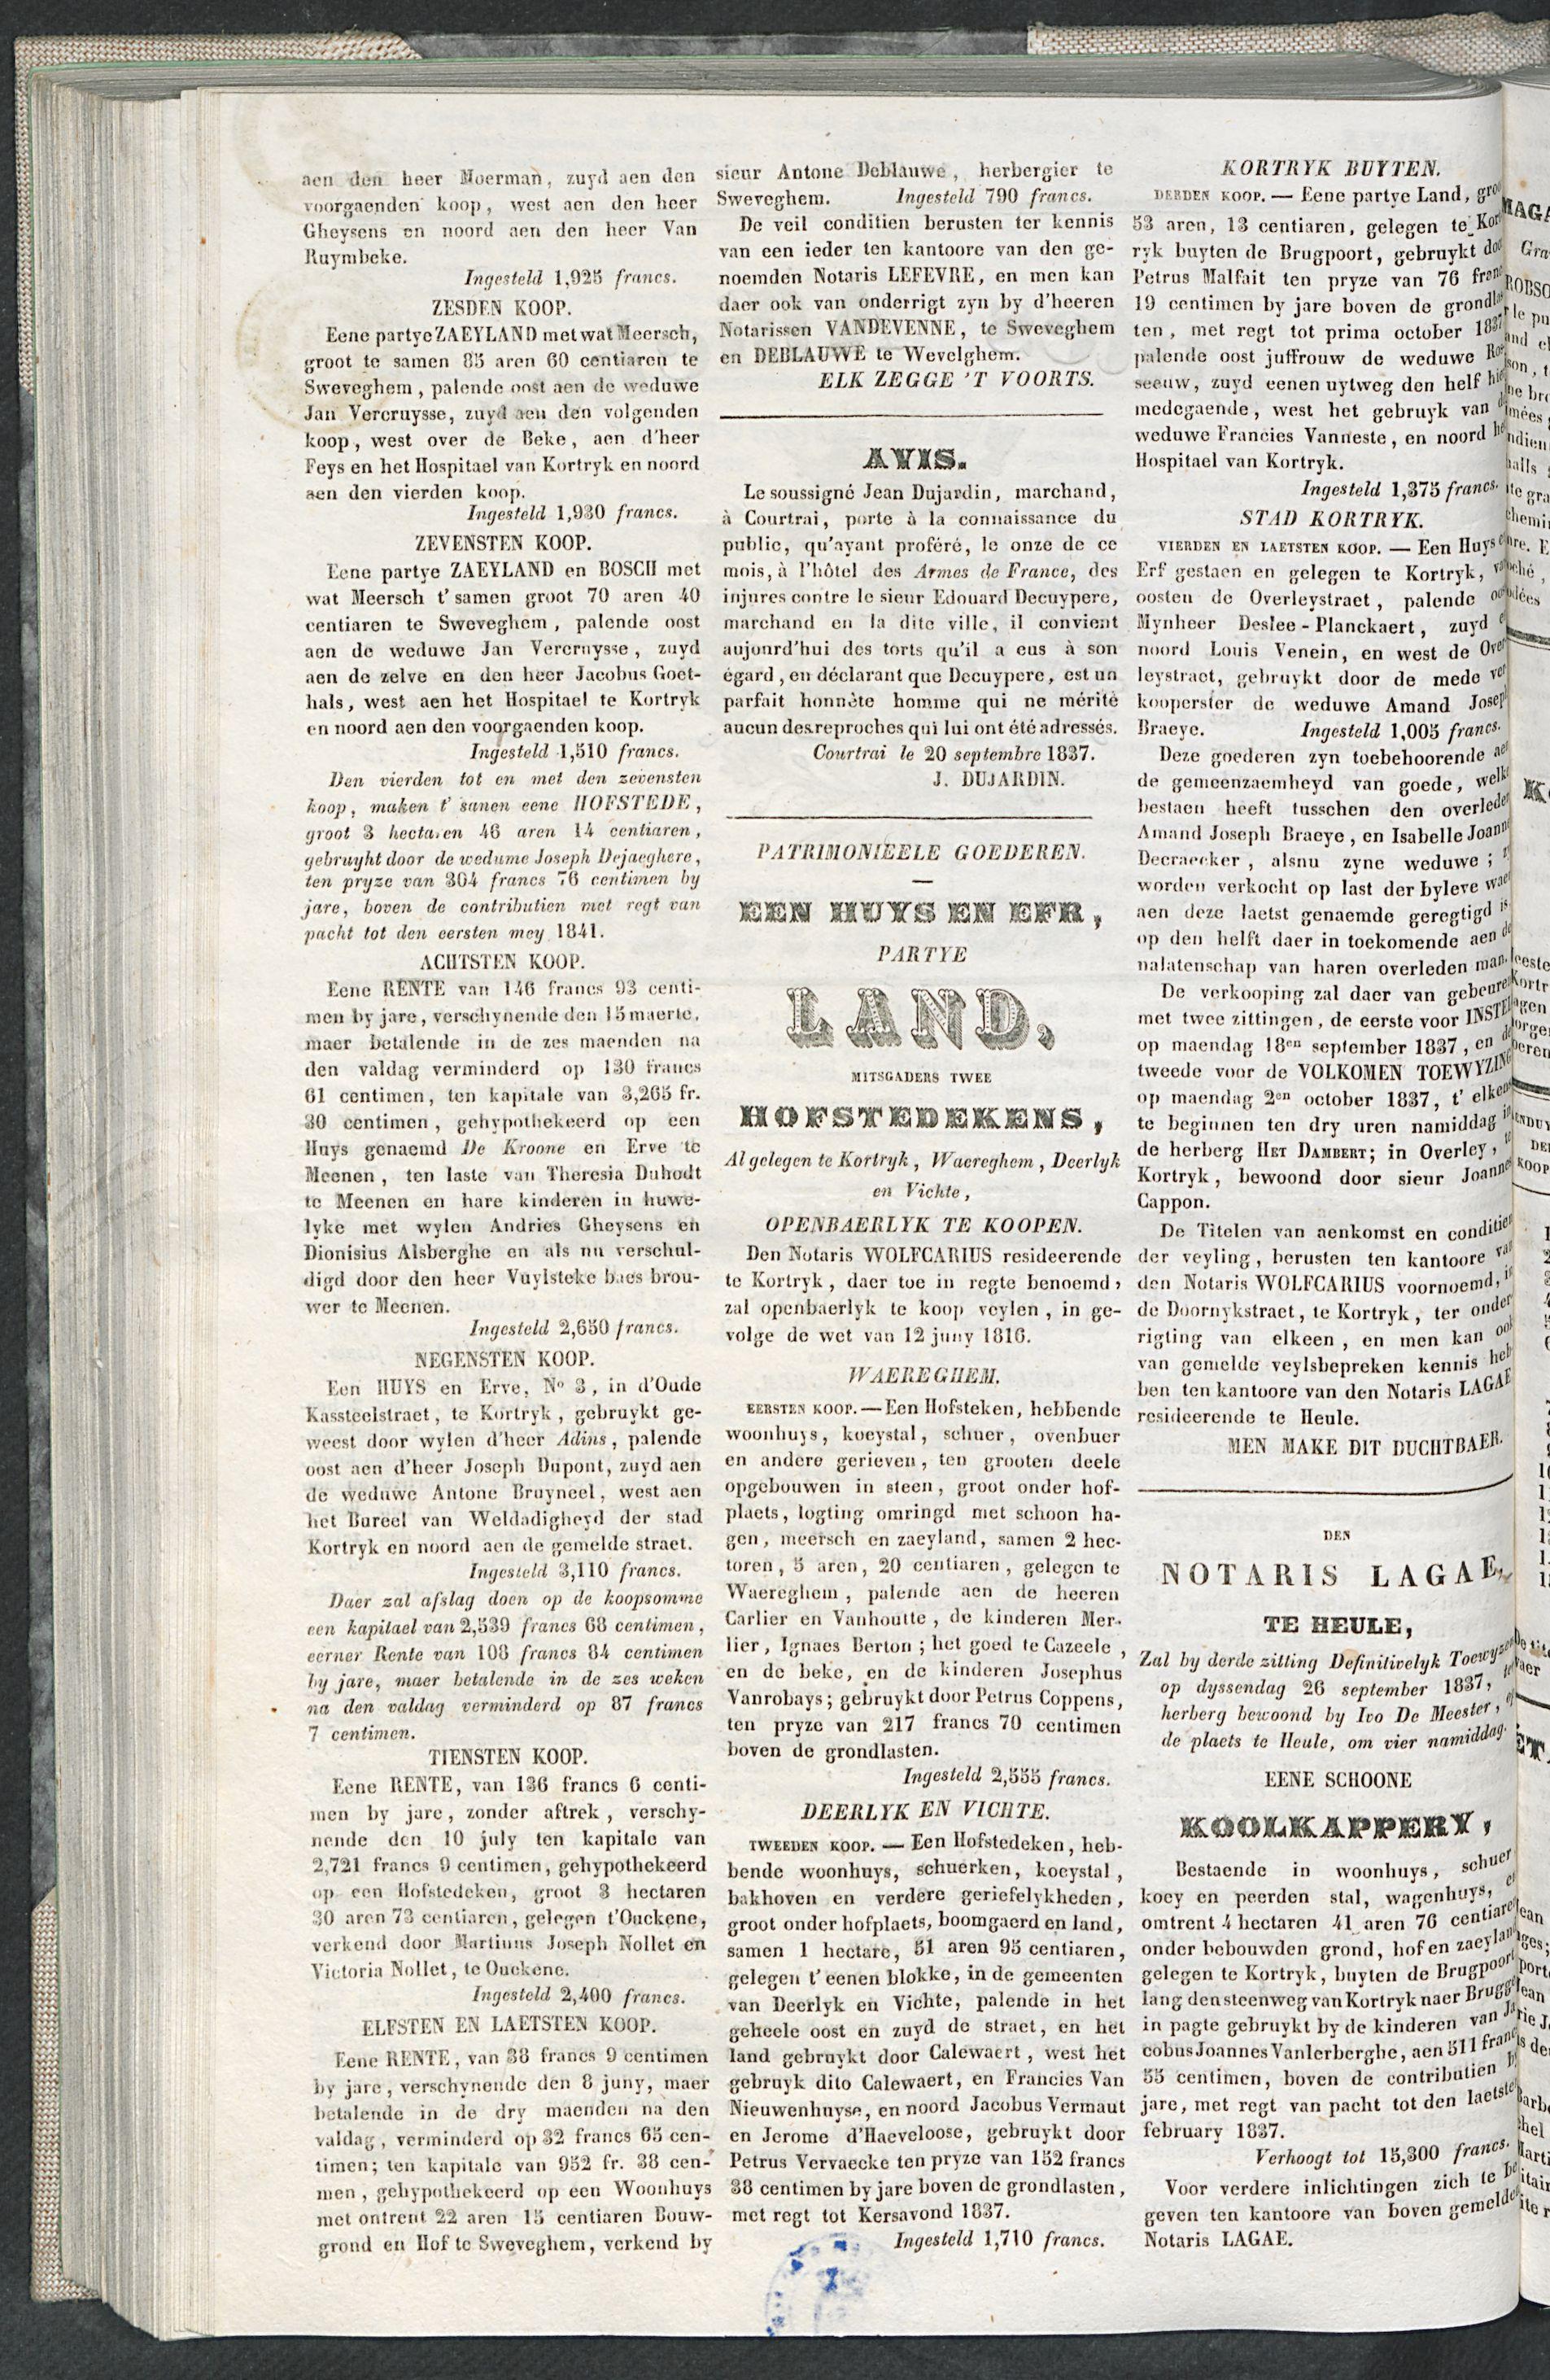 Petites Affiches De Courtrai 1837-09-21 p2